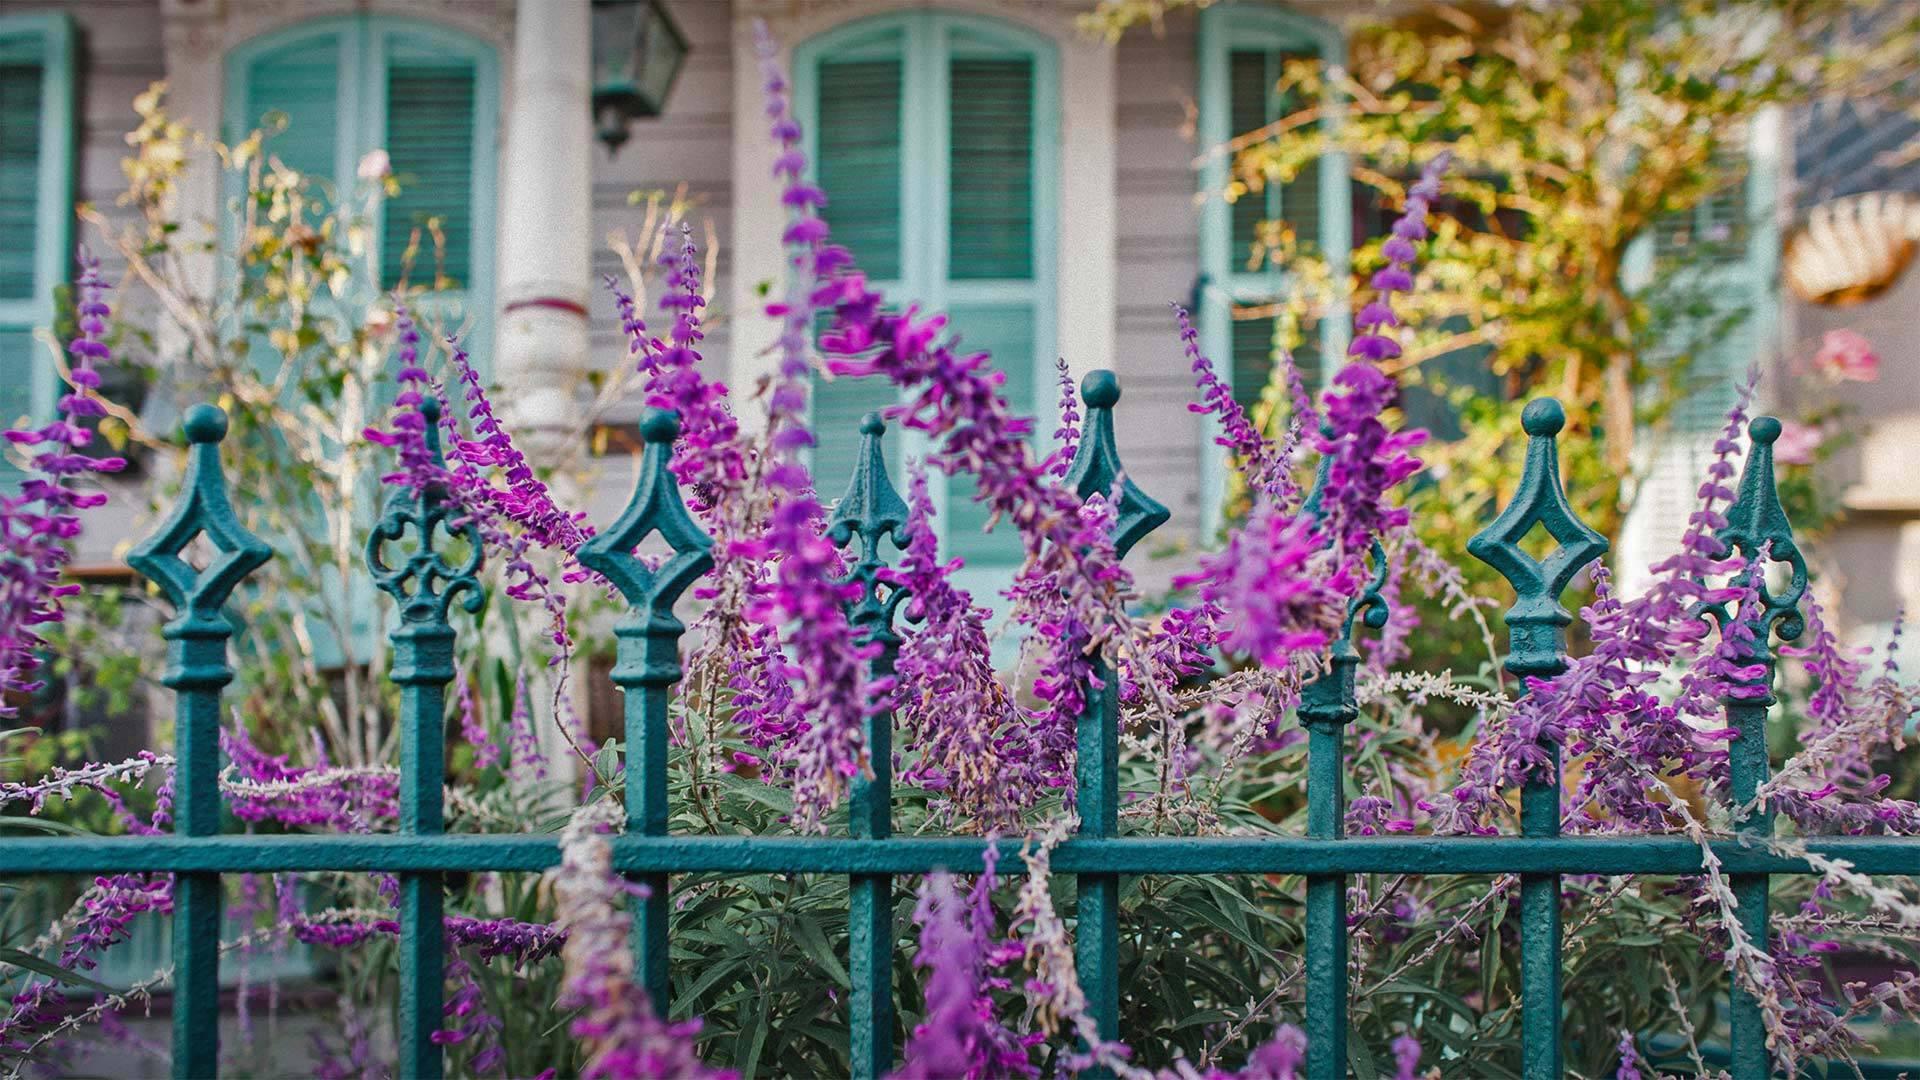 屋前的鲜花和铁艺围栏铁艺围栏